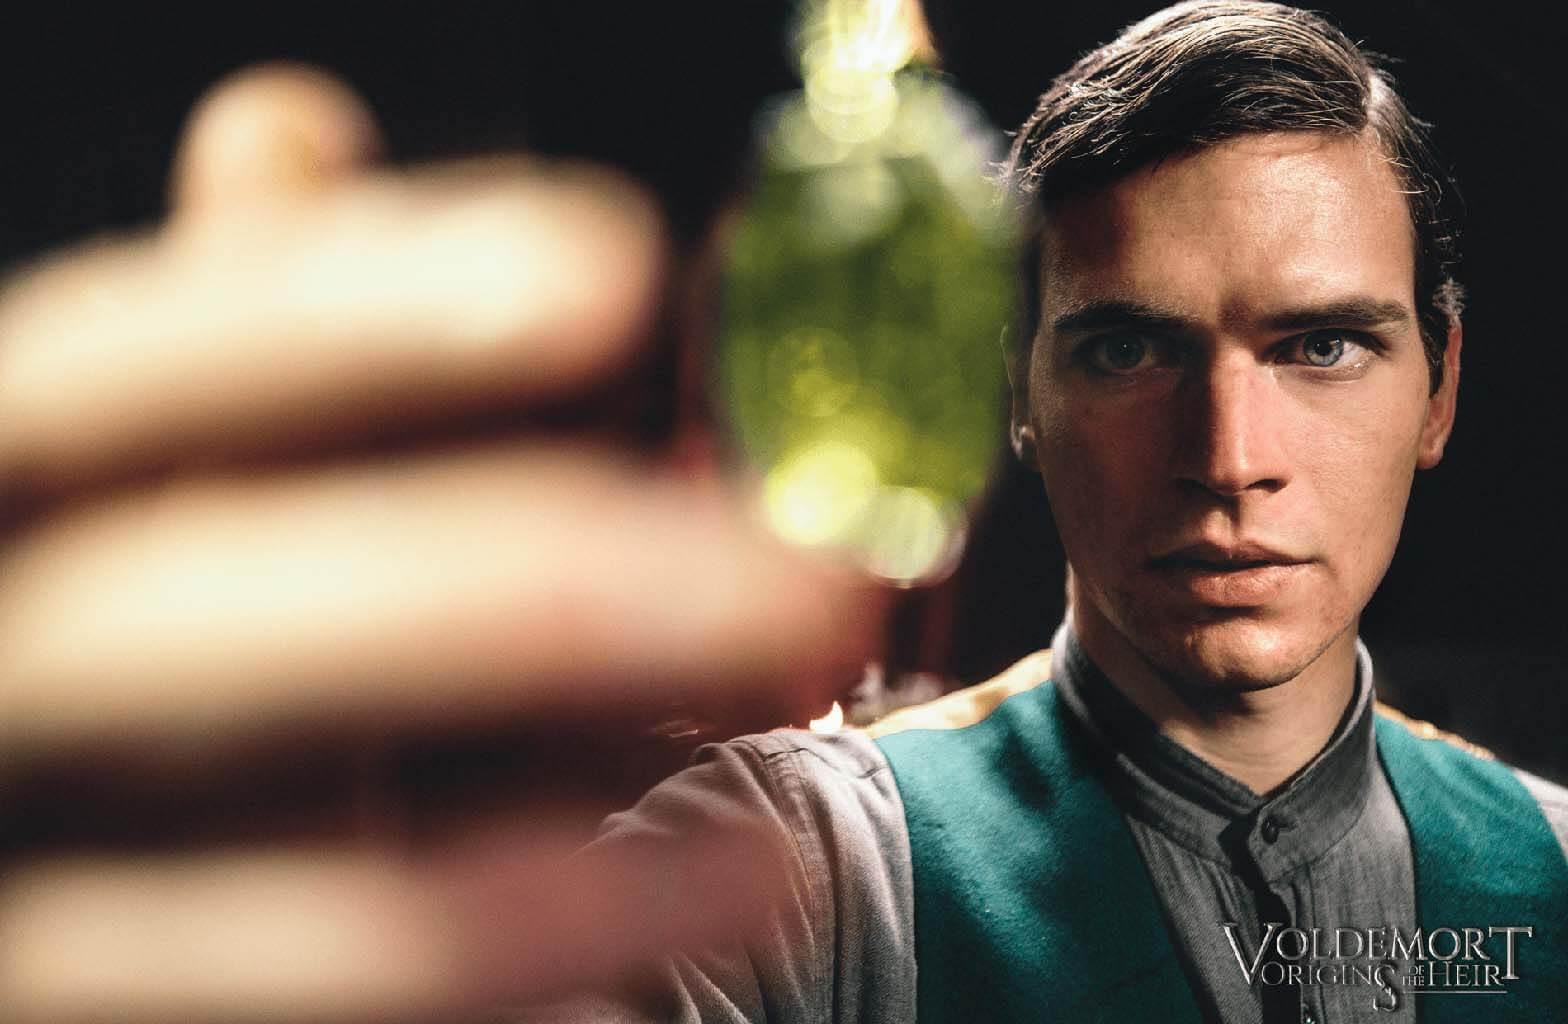 Origins Of The Heir' hecha para fans de 'Harry Potter — Voldemort